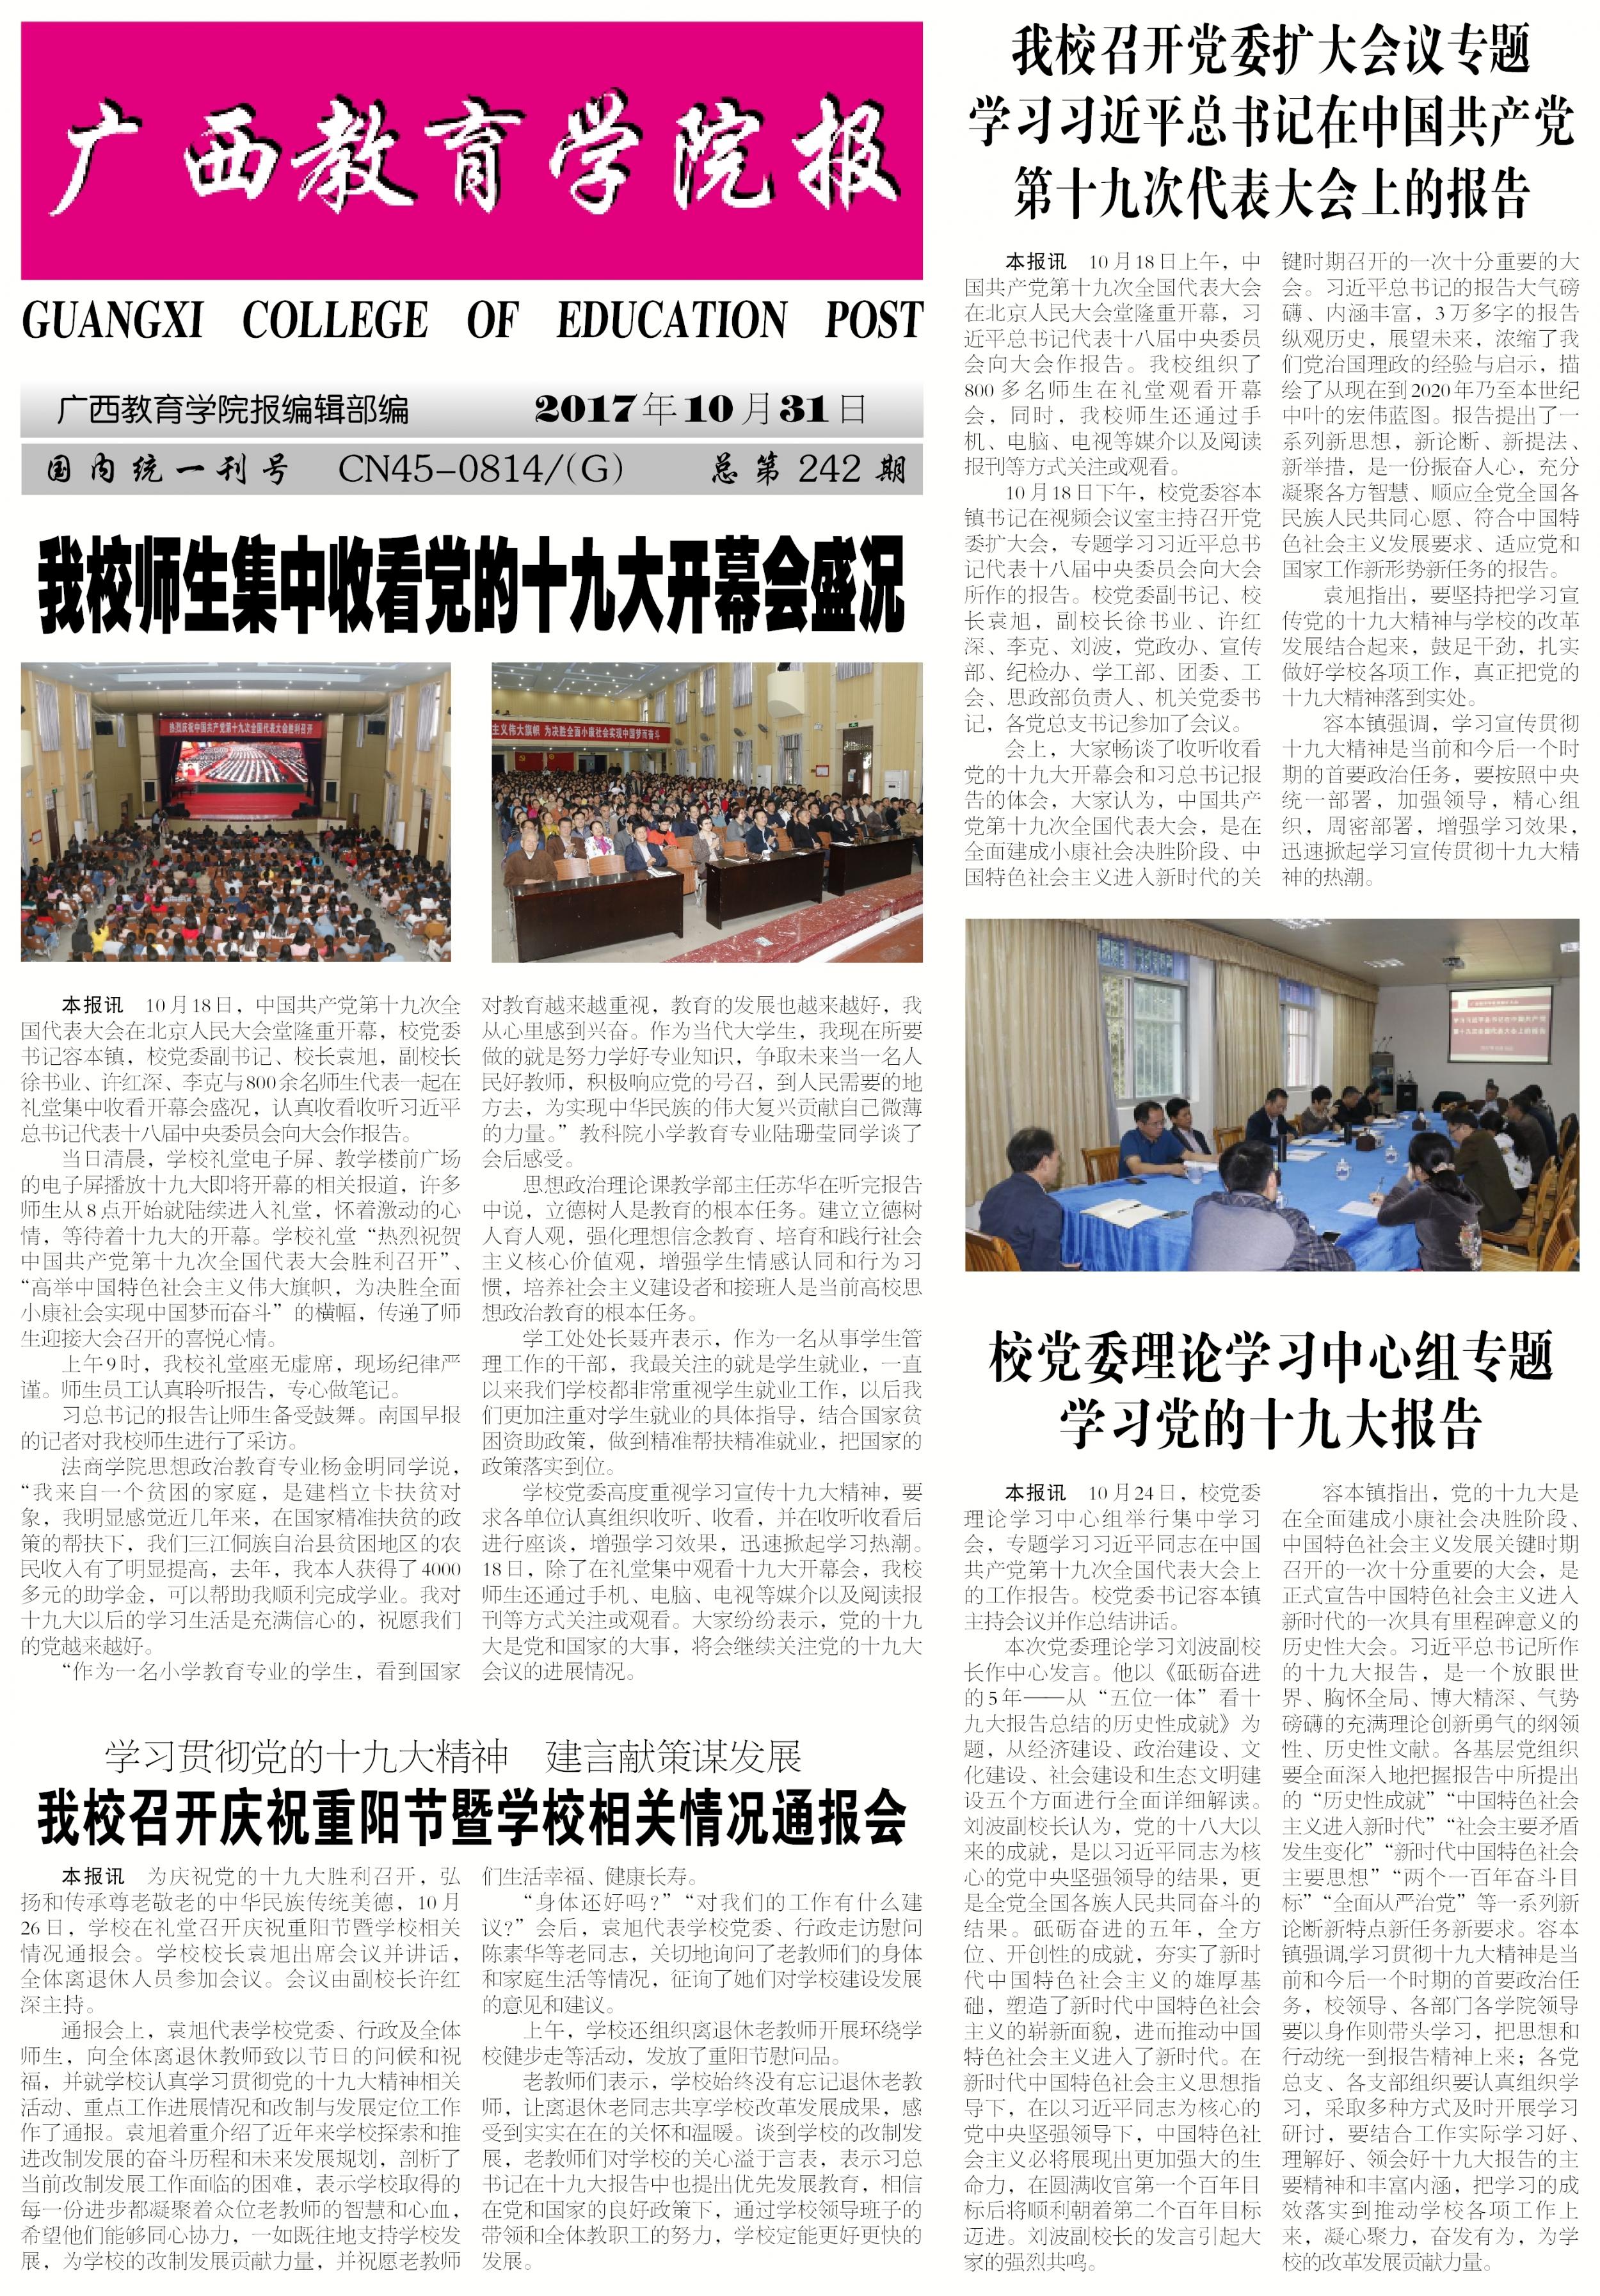 《广西教育学院报》